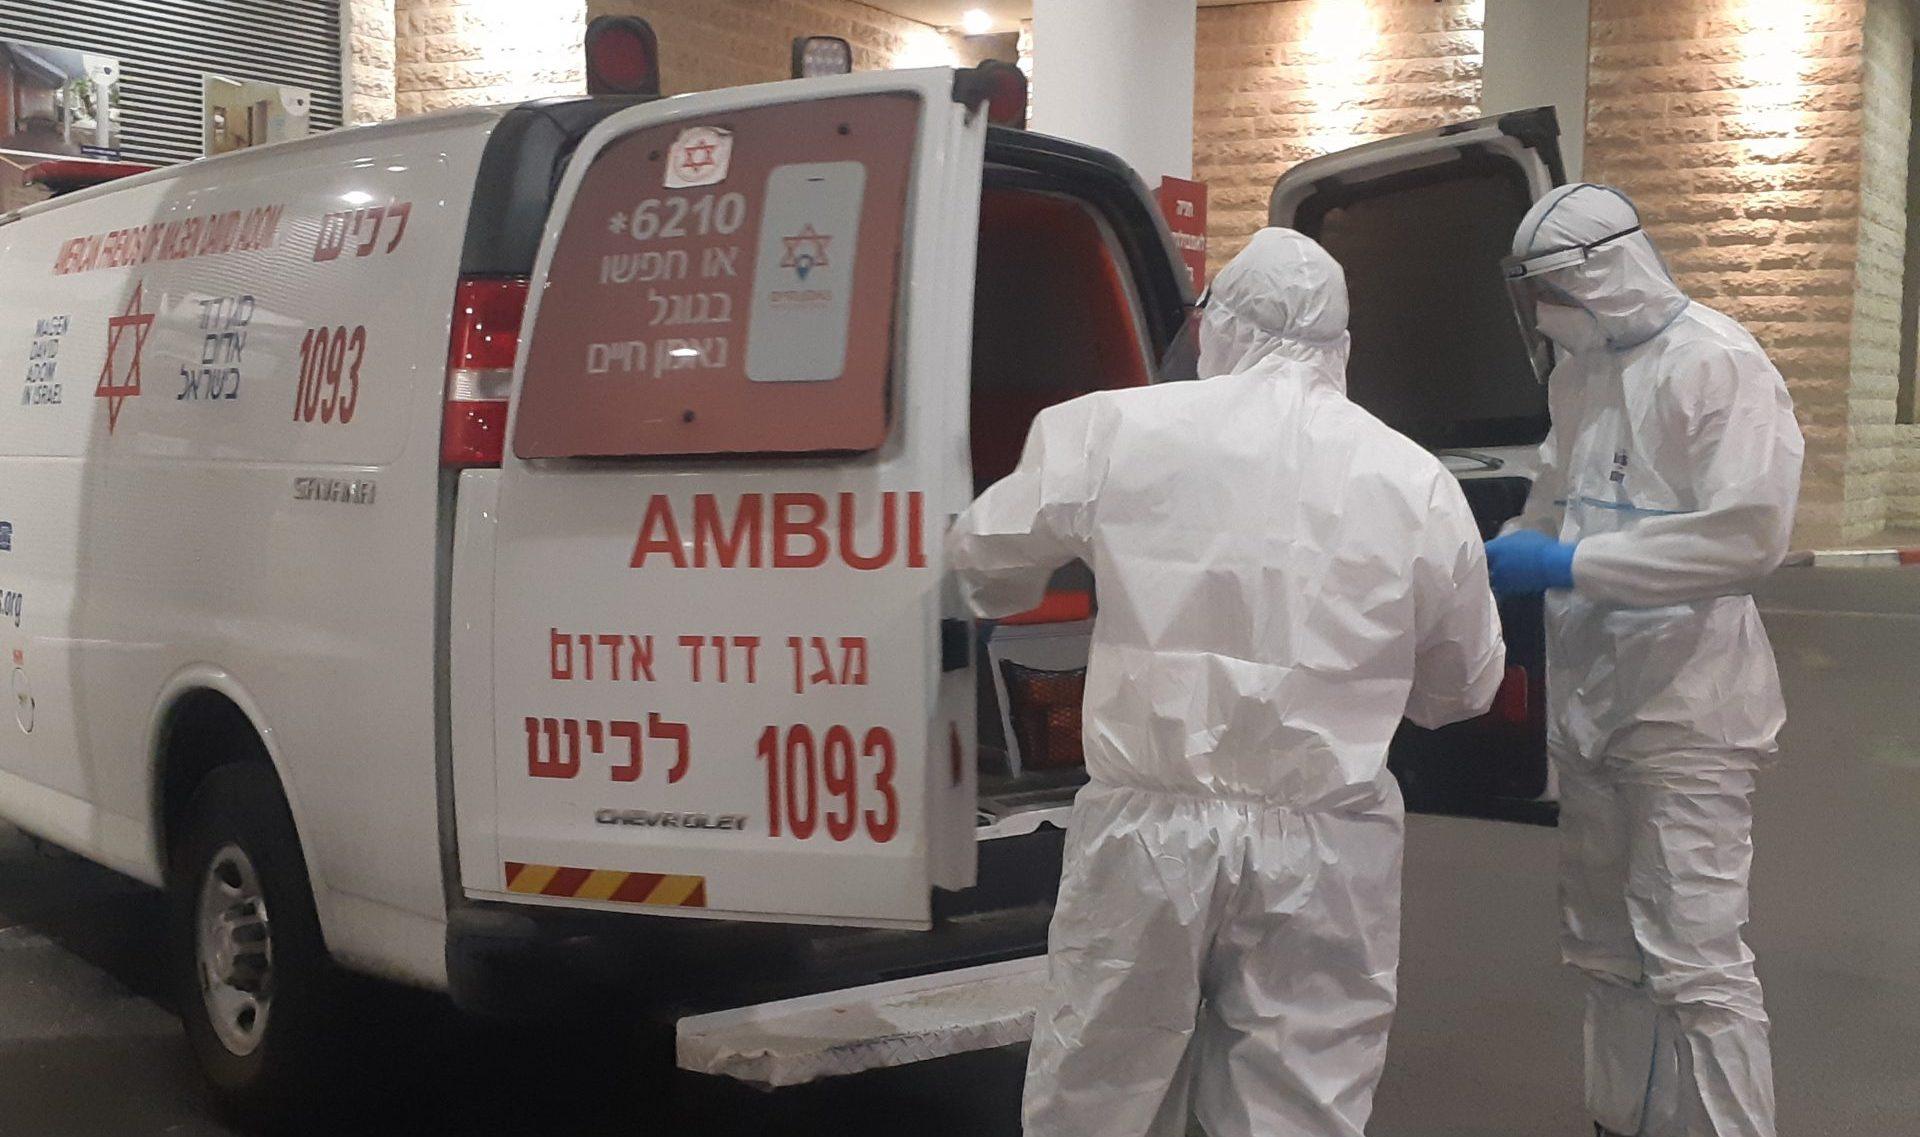 חולה קורונה מובא למרכז הרפואי ברזילי. צילום: אלירם משה